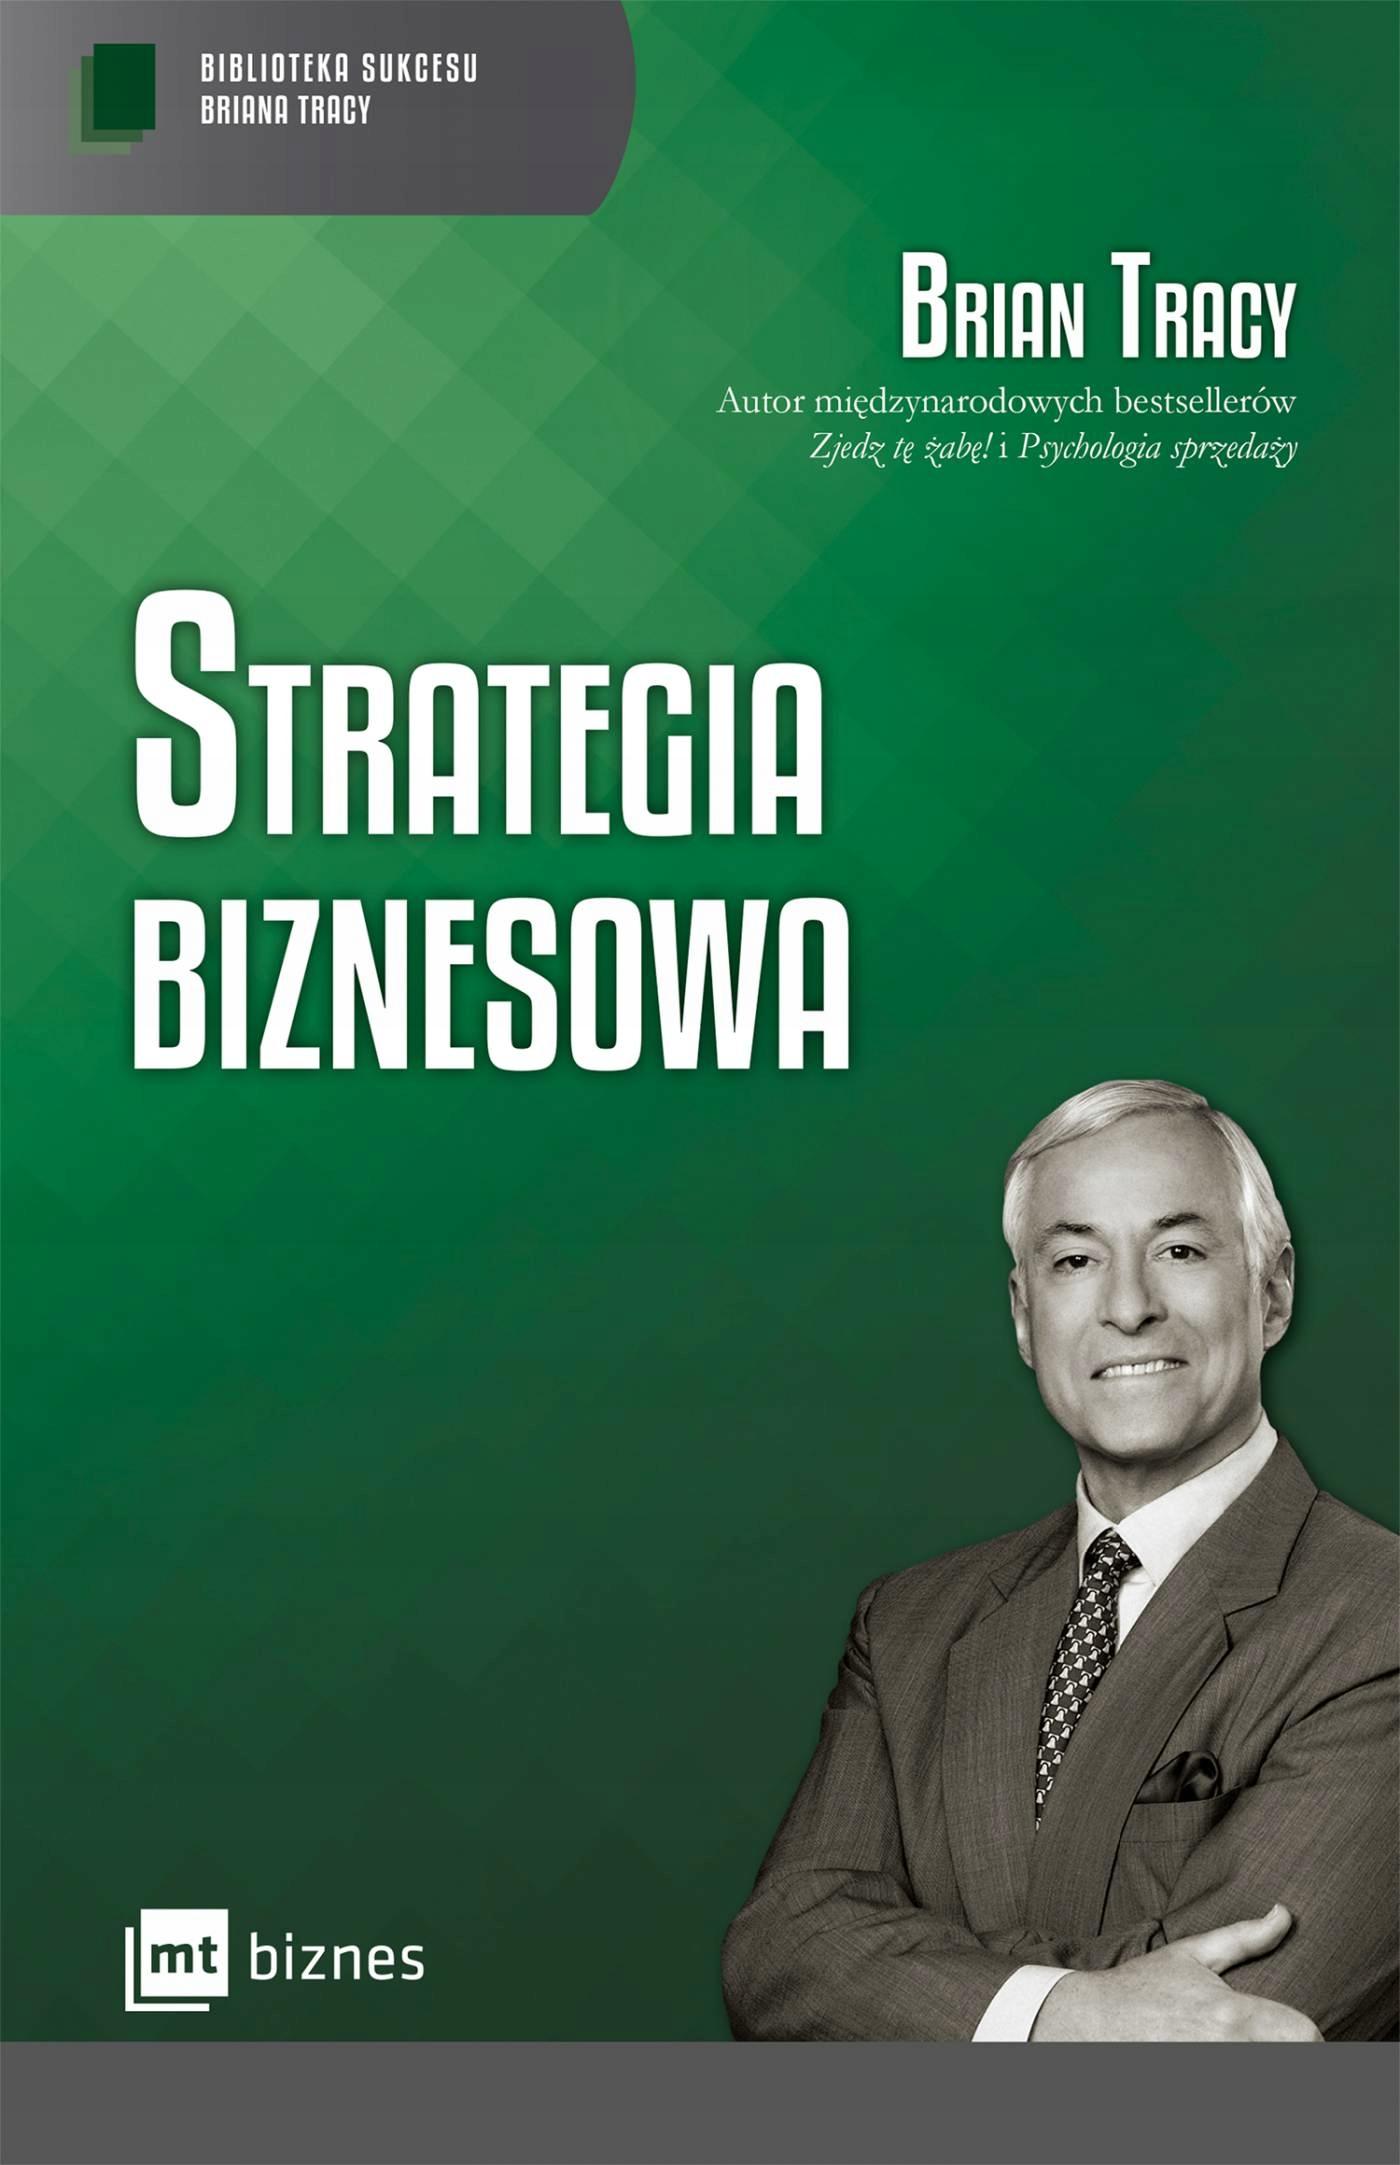 Strategia biznesowa Brian Tracy